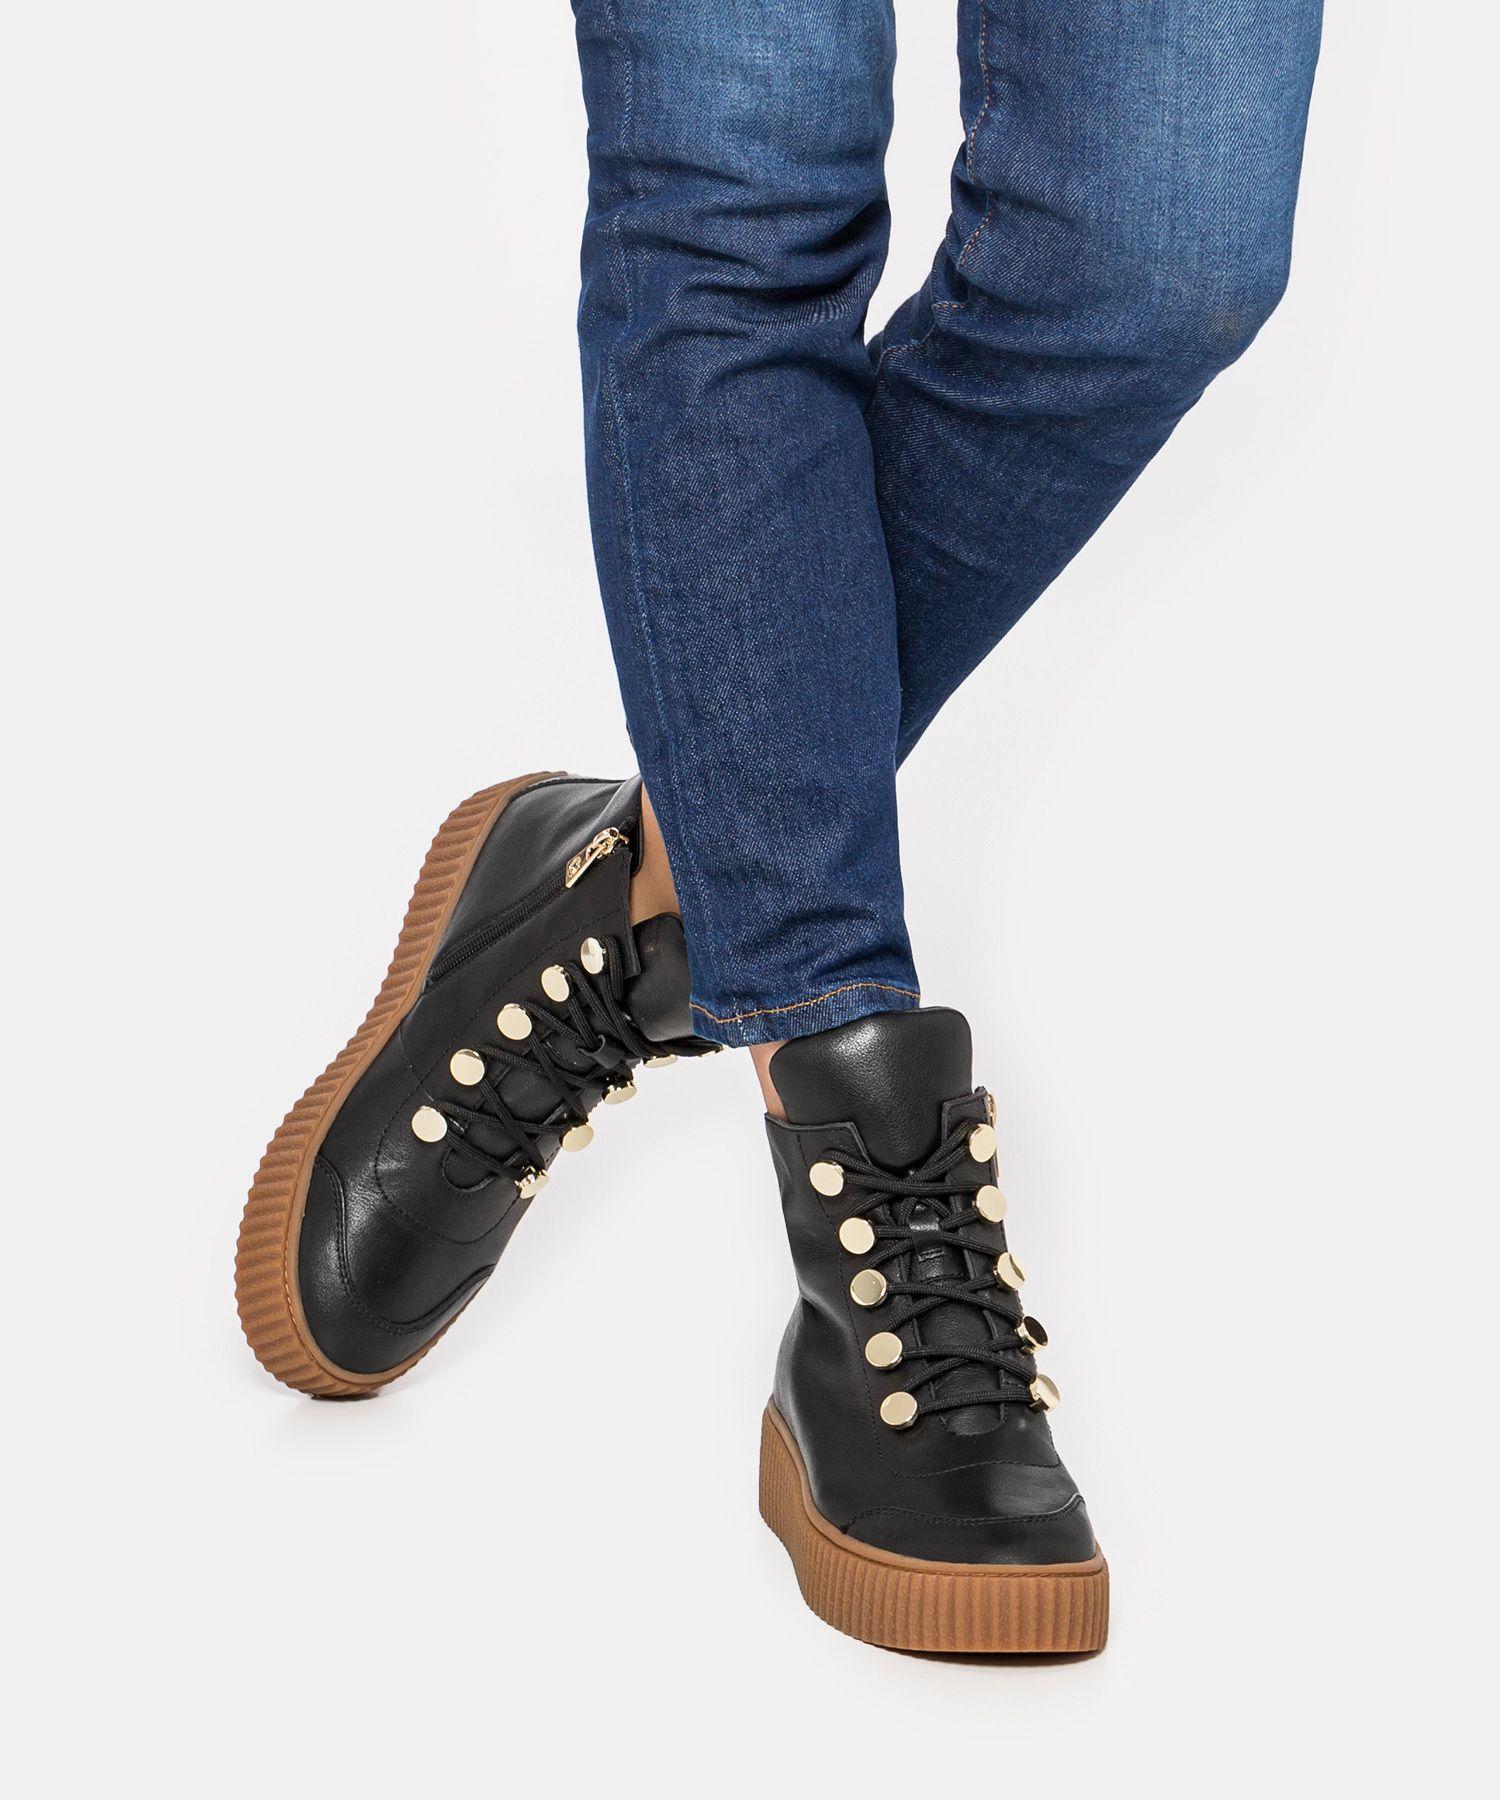 Czarne Trzewiki Damskie Wykonane Z Wysokiej Jakosci Skory Licowej Swoim Oryginalnym Designem Przyciagaja Uwage Kazd Puma Platform Platform Sneakers Sneakers